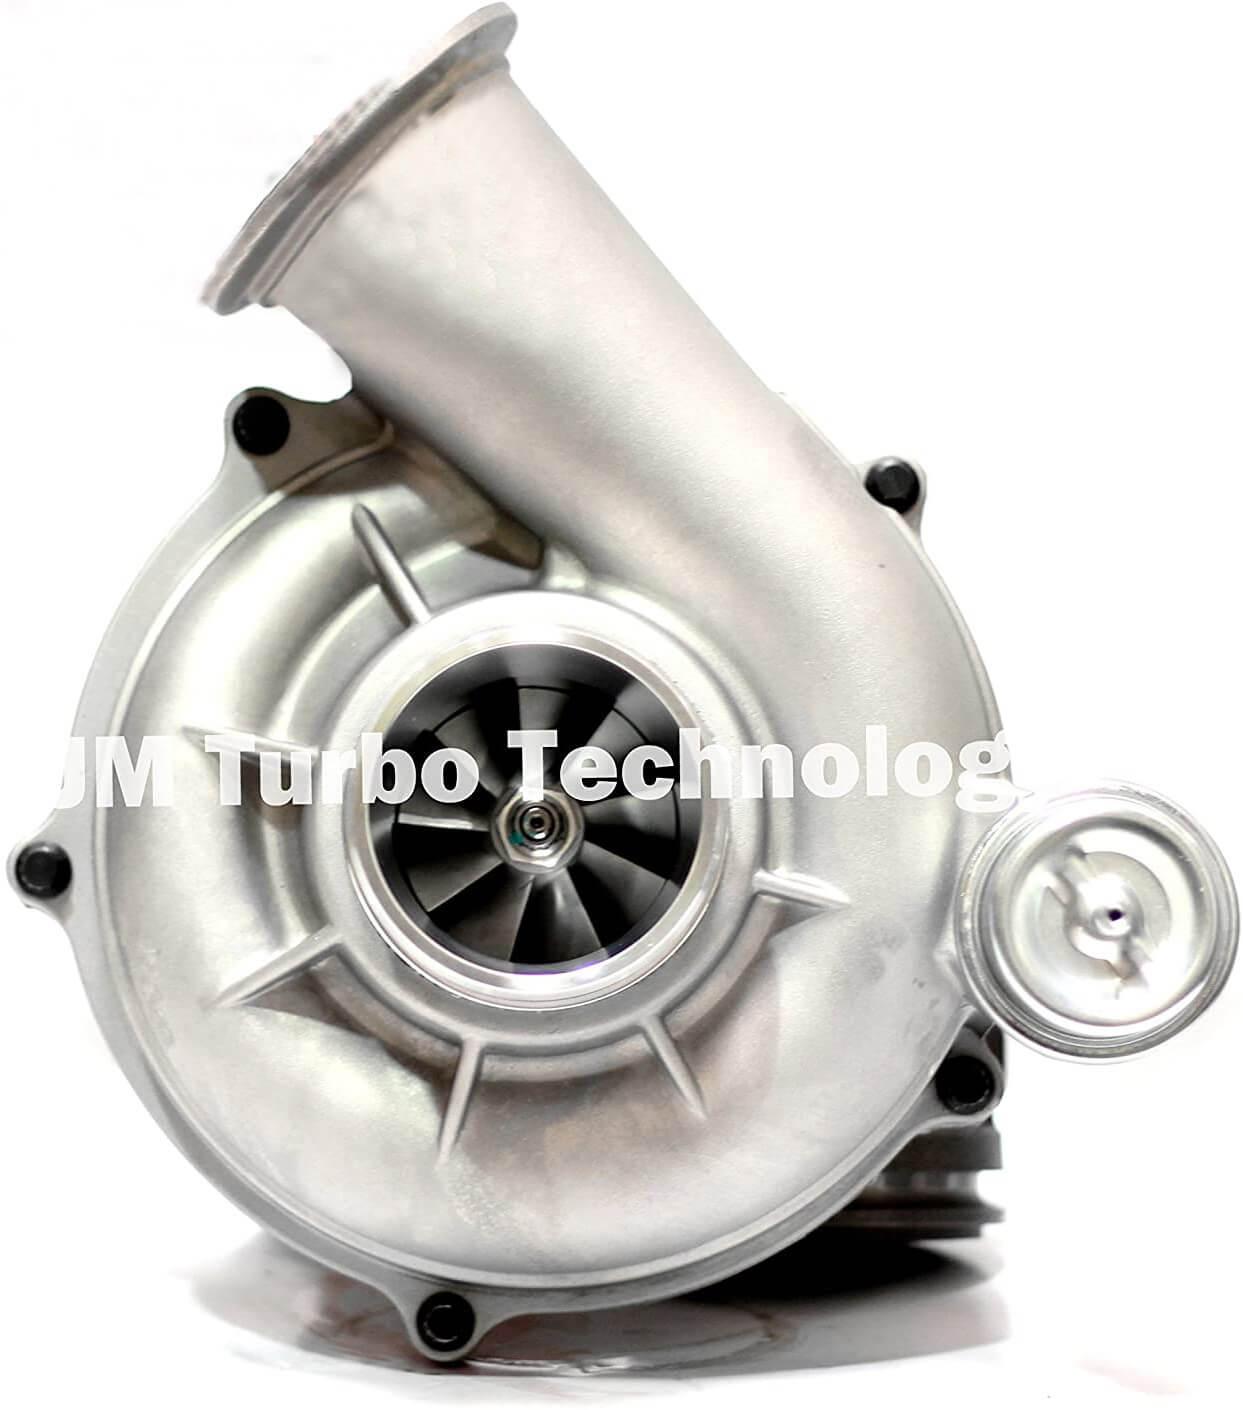 XS-Power 99-03 Ford Turbo Powerstroke